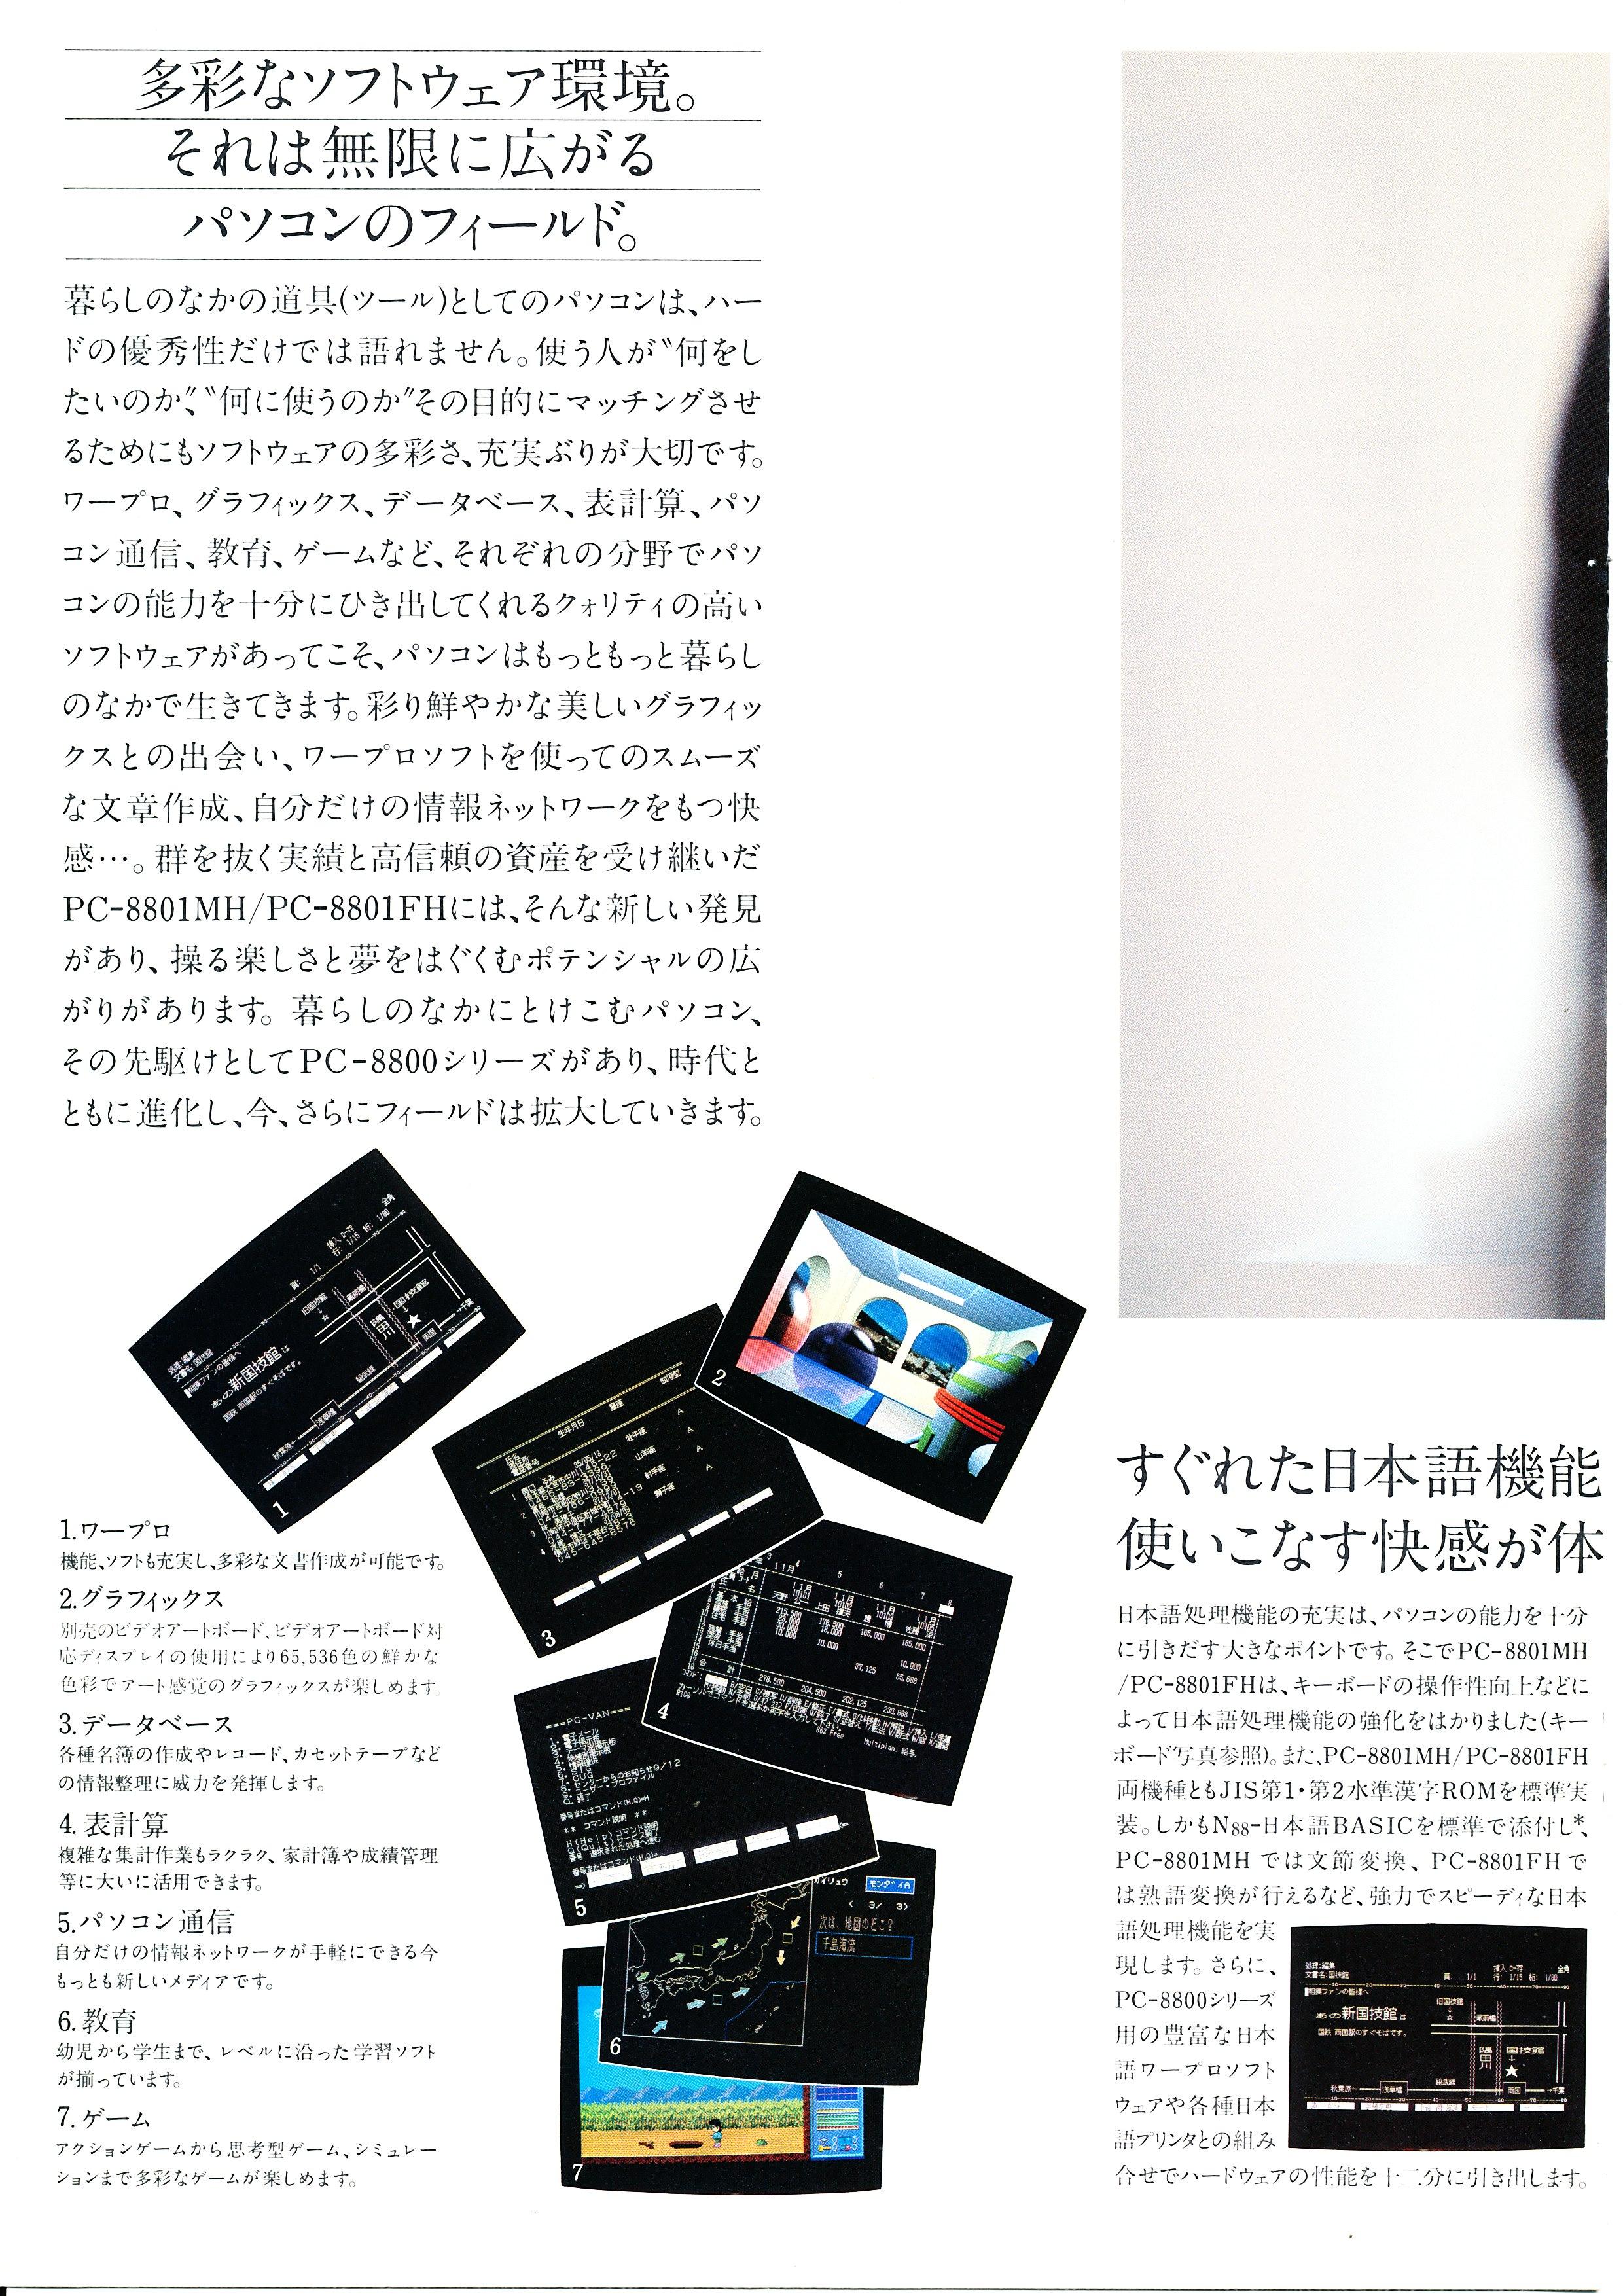 PC-8801MH/FH P4